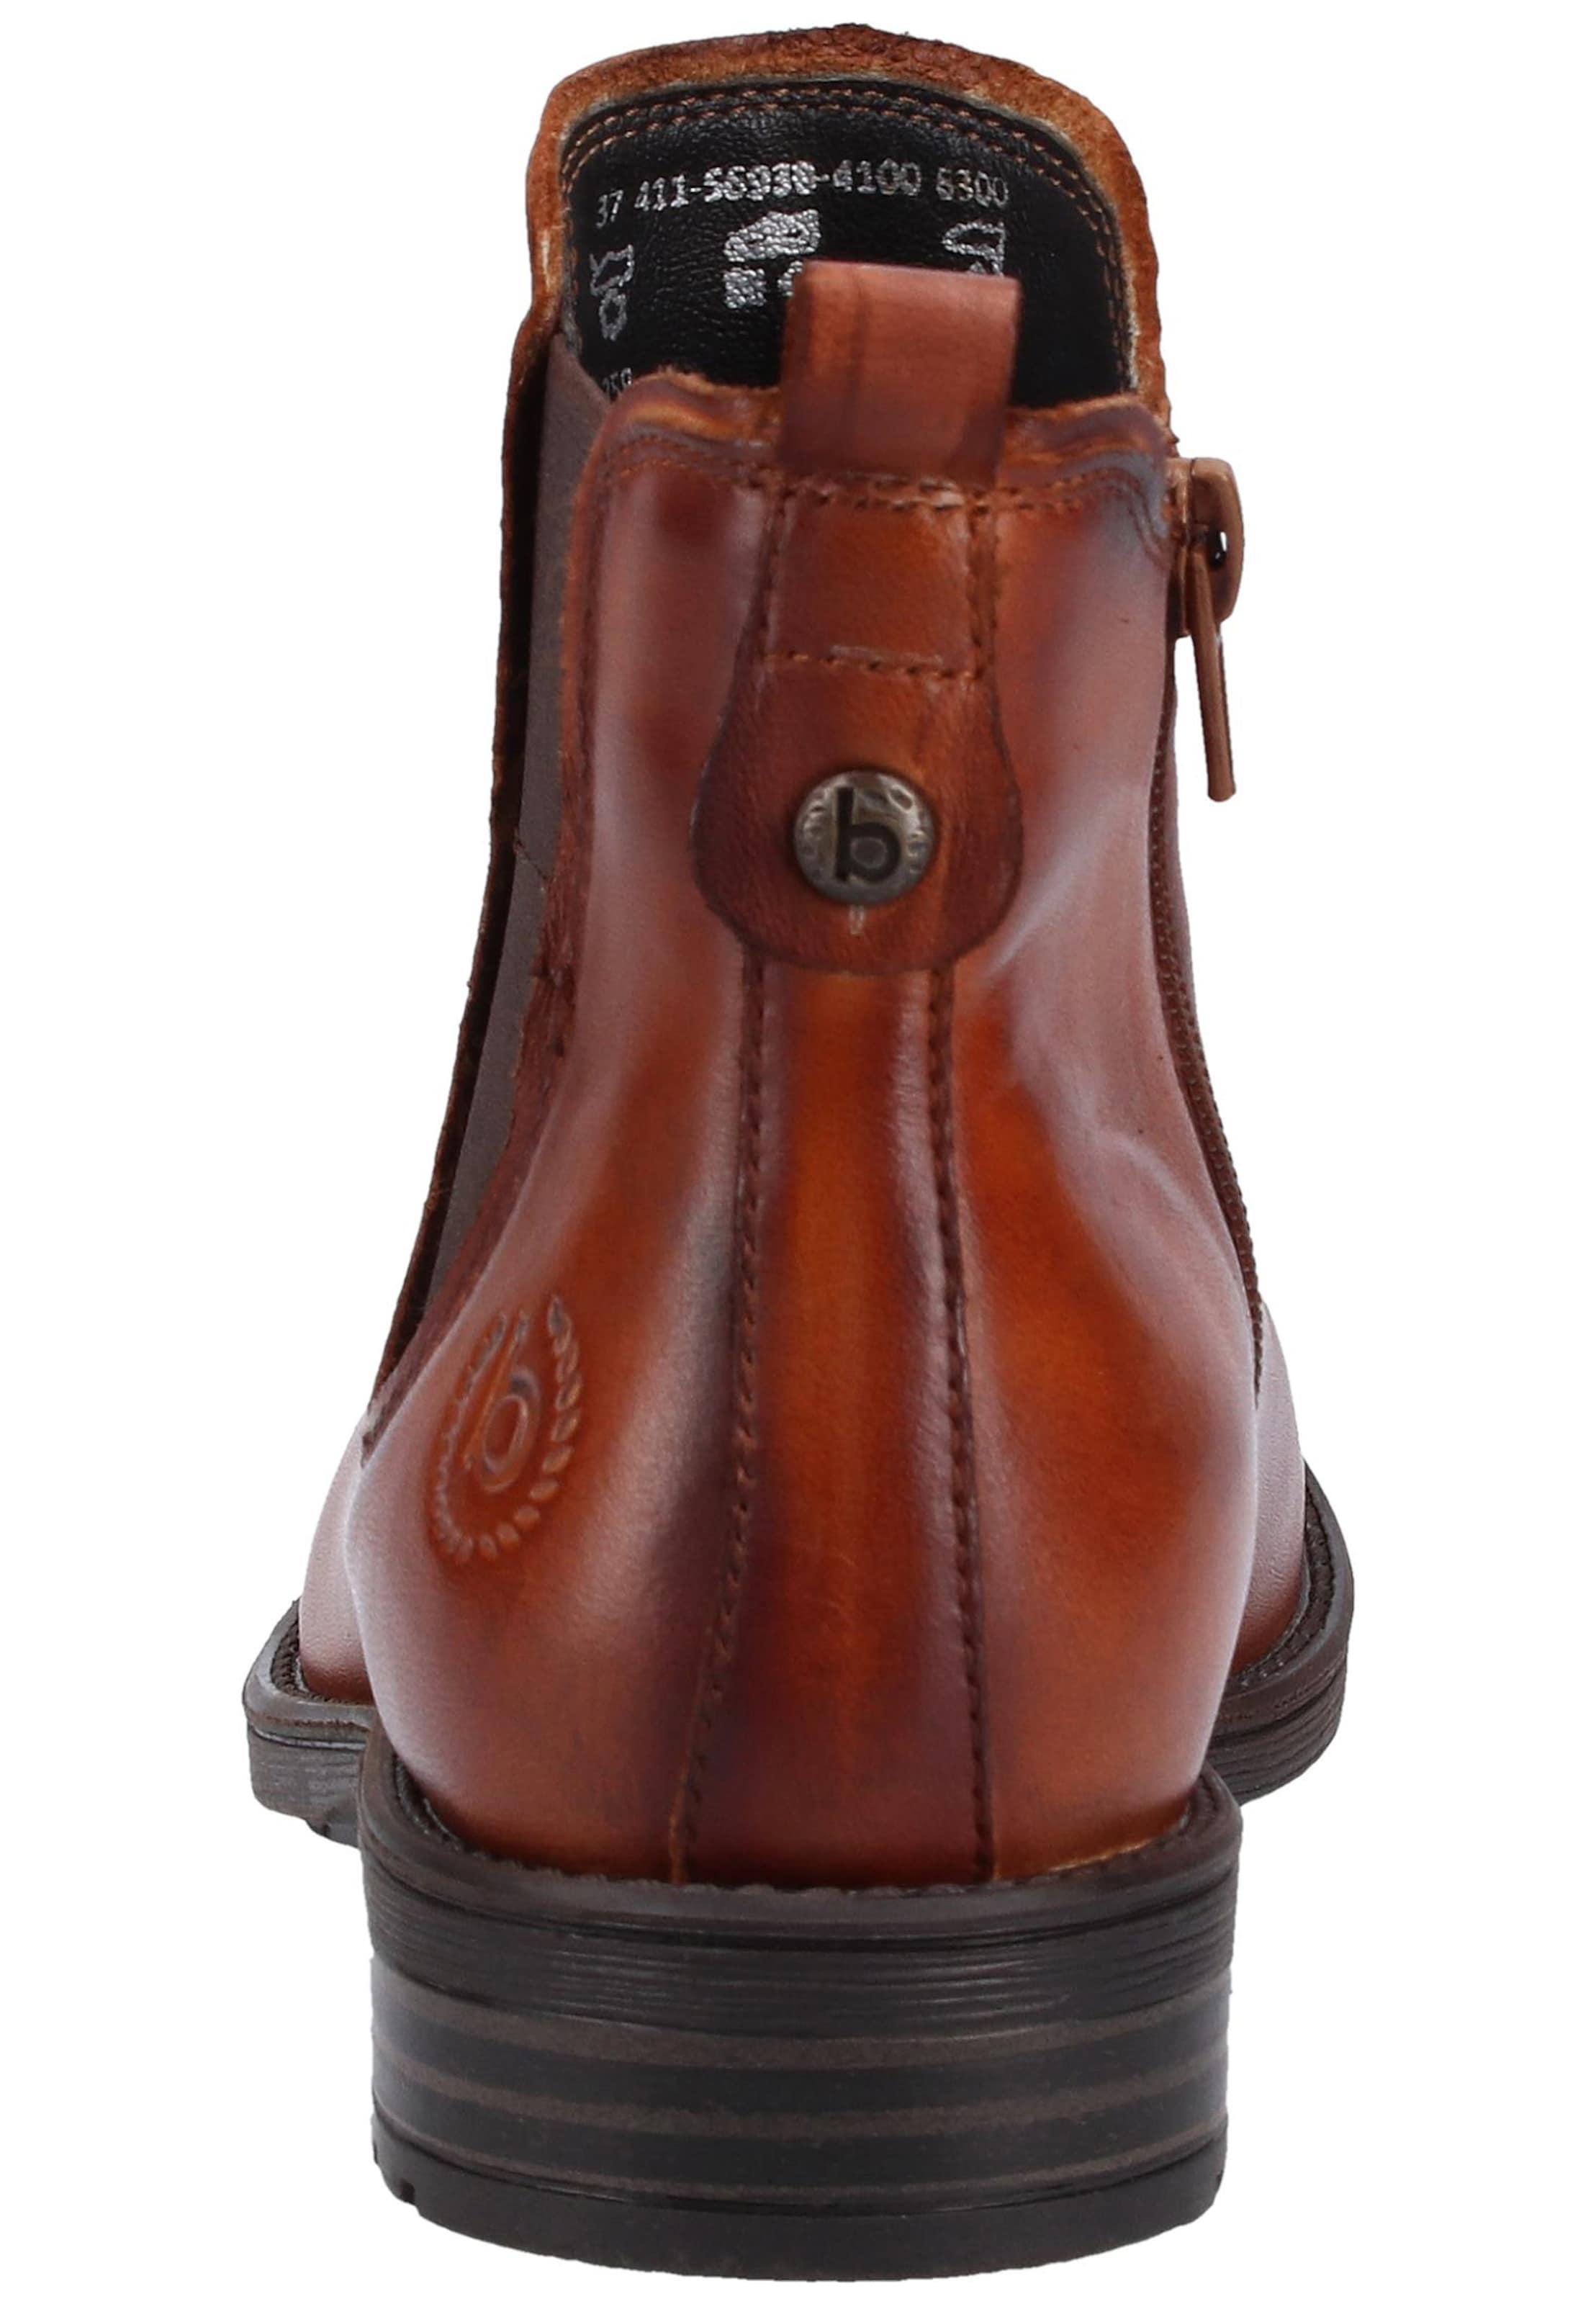 Bugatti Chelsea Bugatti Boots Braun In Boots In Chelsea UMGpzSqV